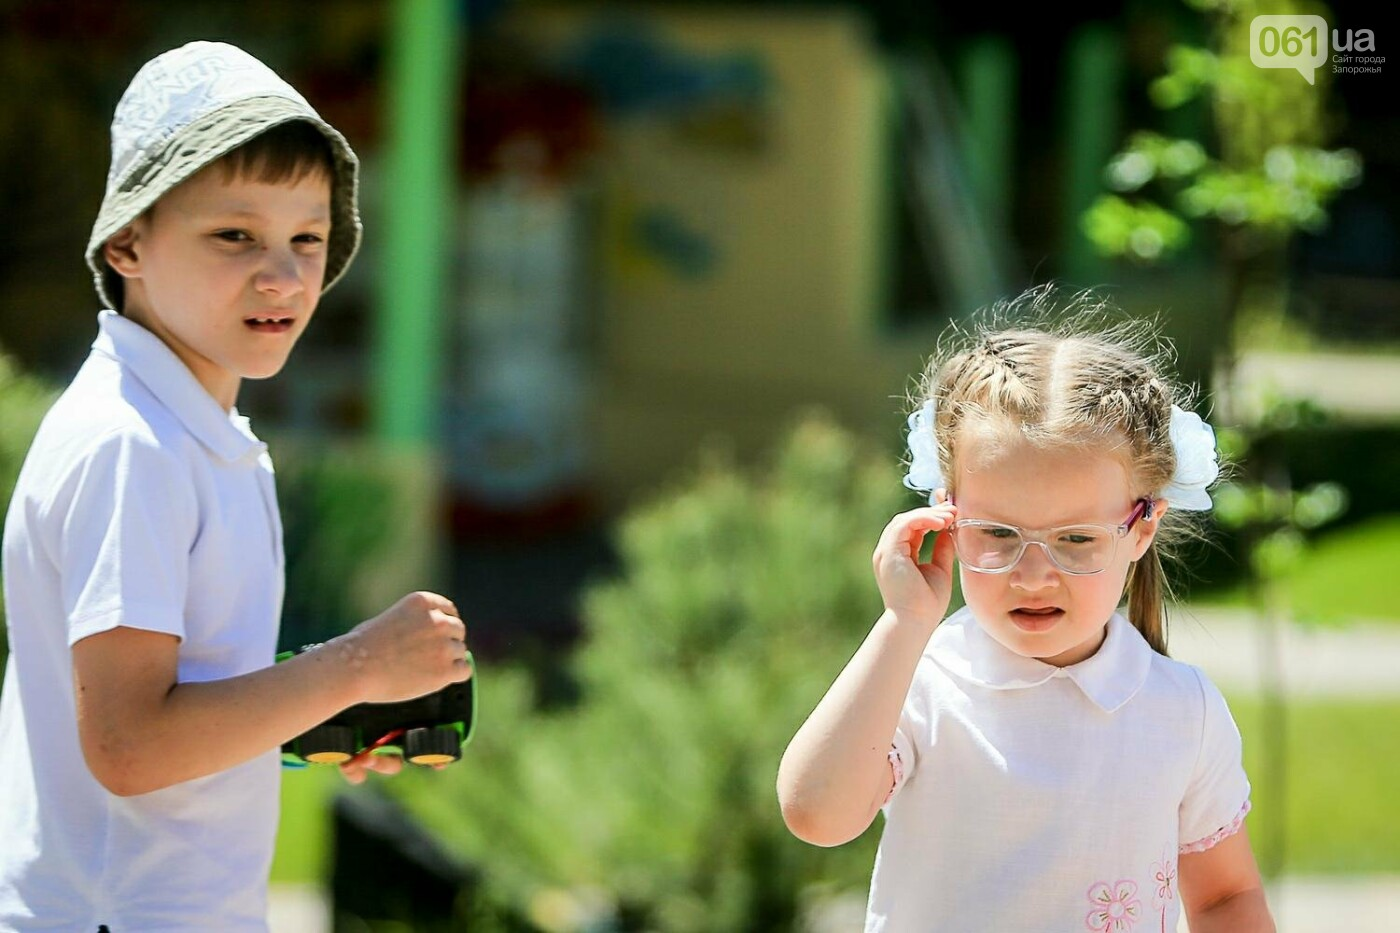 """О чем мечтают дети - фоторепортаж из дома ребенка """"Солнышко"""", фото-17"""